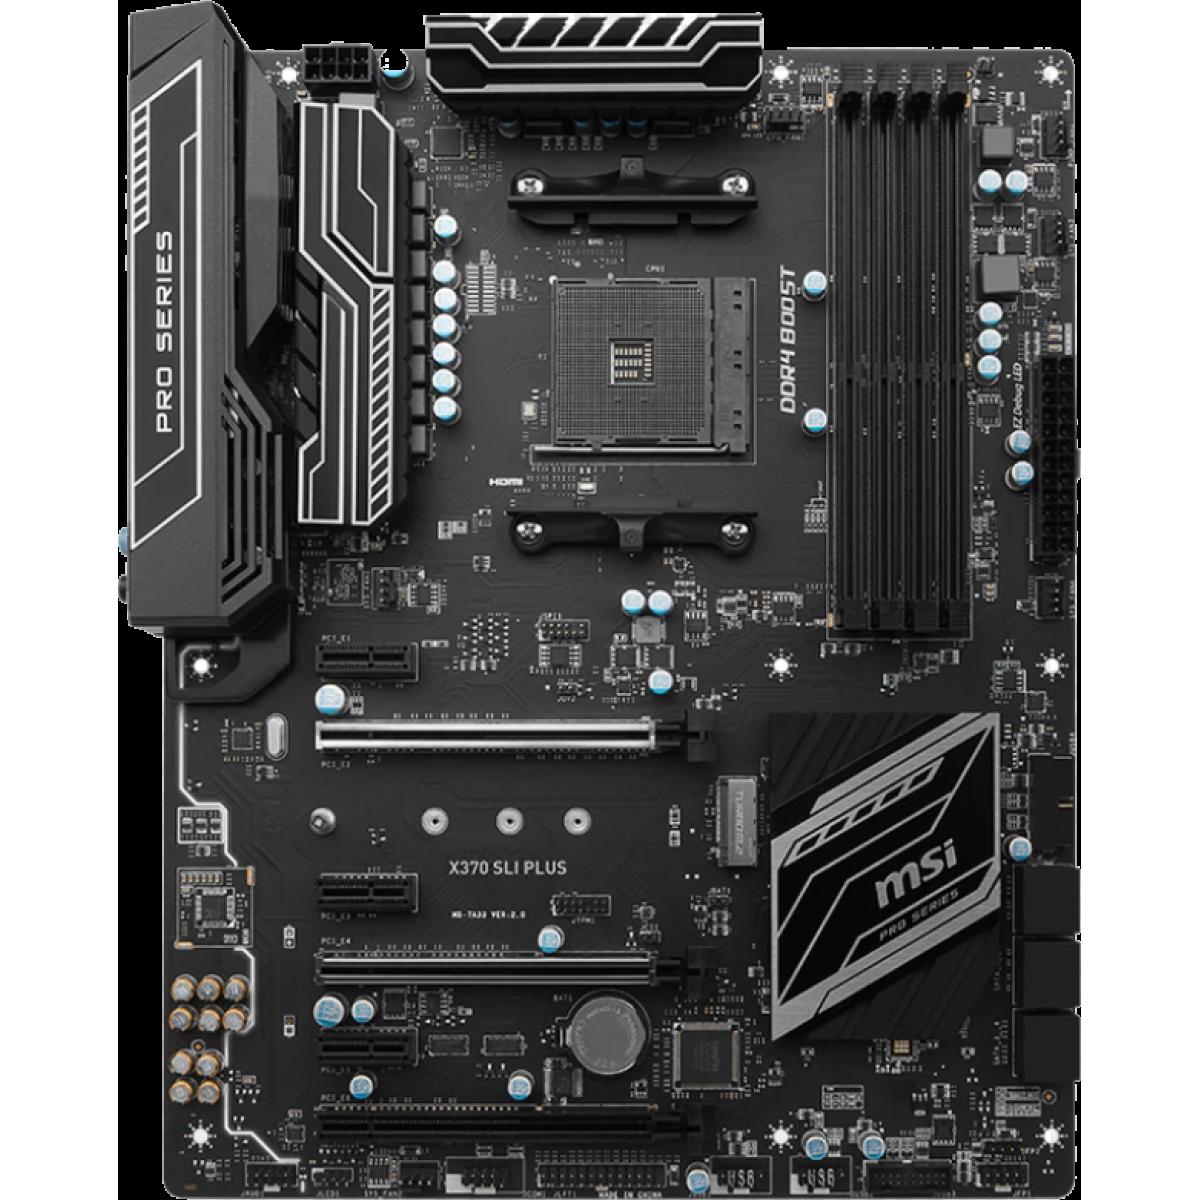 Placa Mãe MSI X370 SLI Plus, Chipset X370, AMD AM4, ATX, DDR4